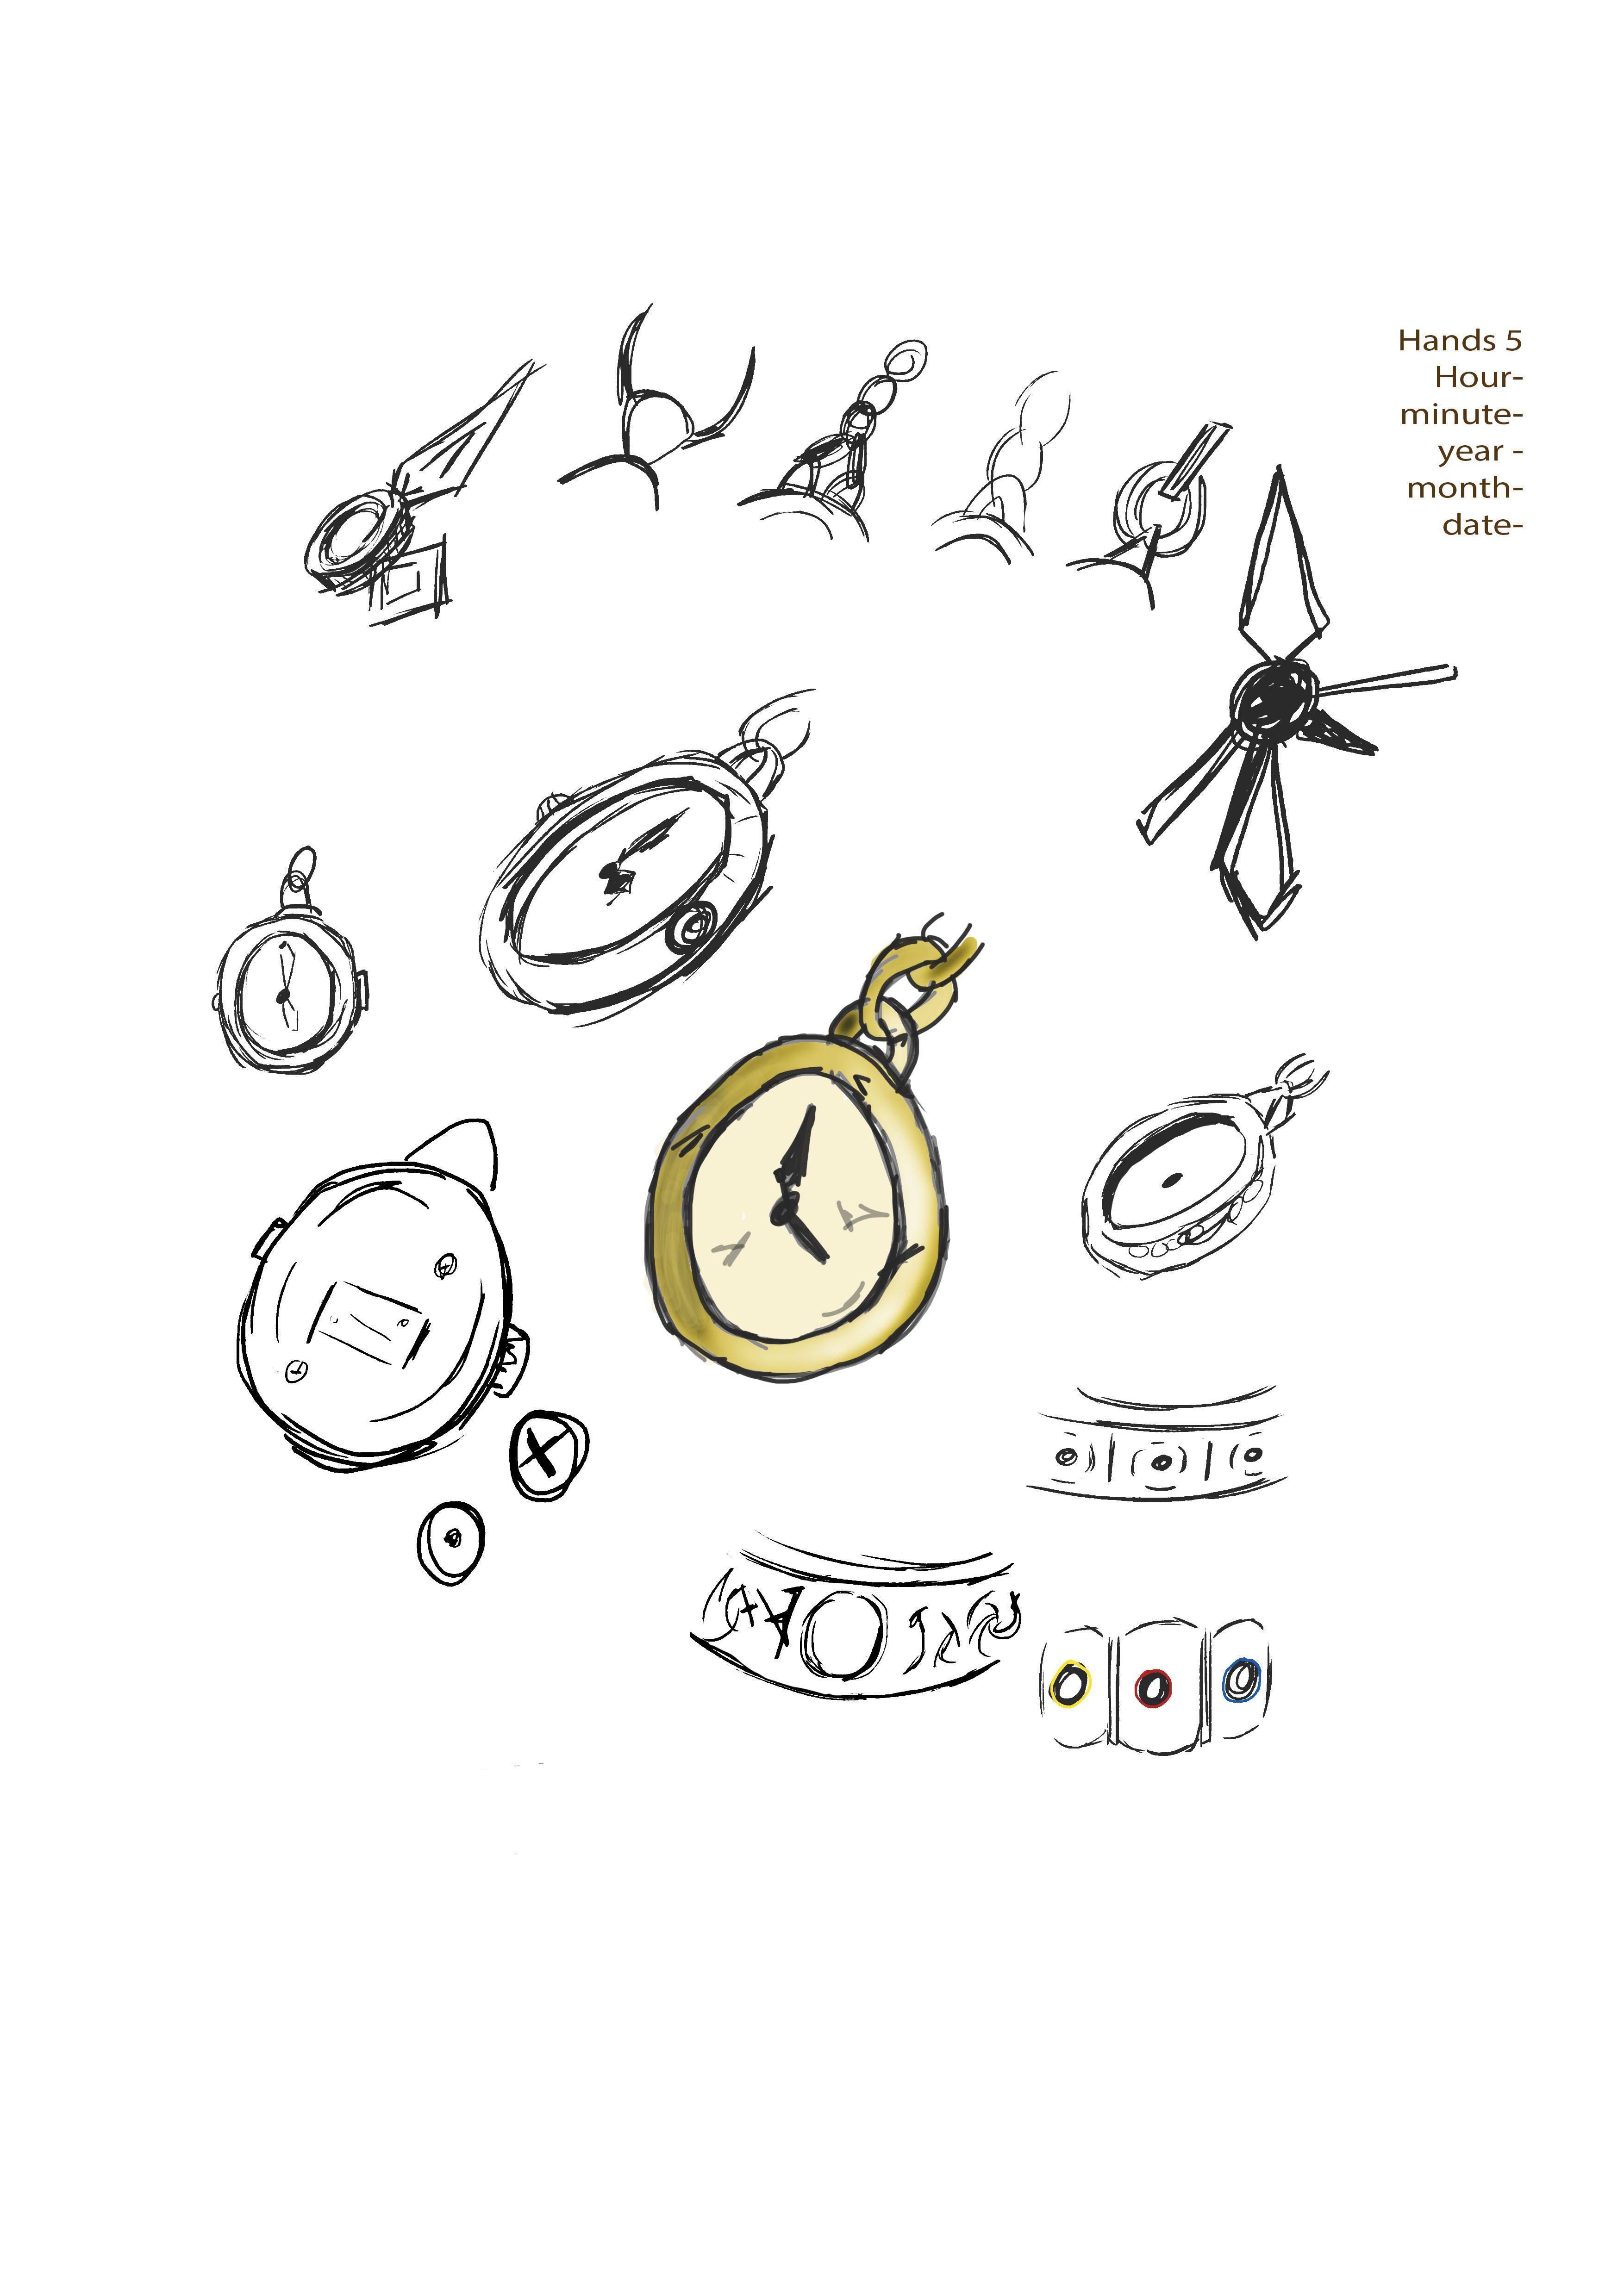 Pocket Watch designs